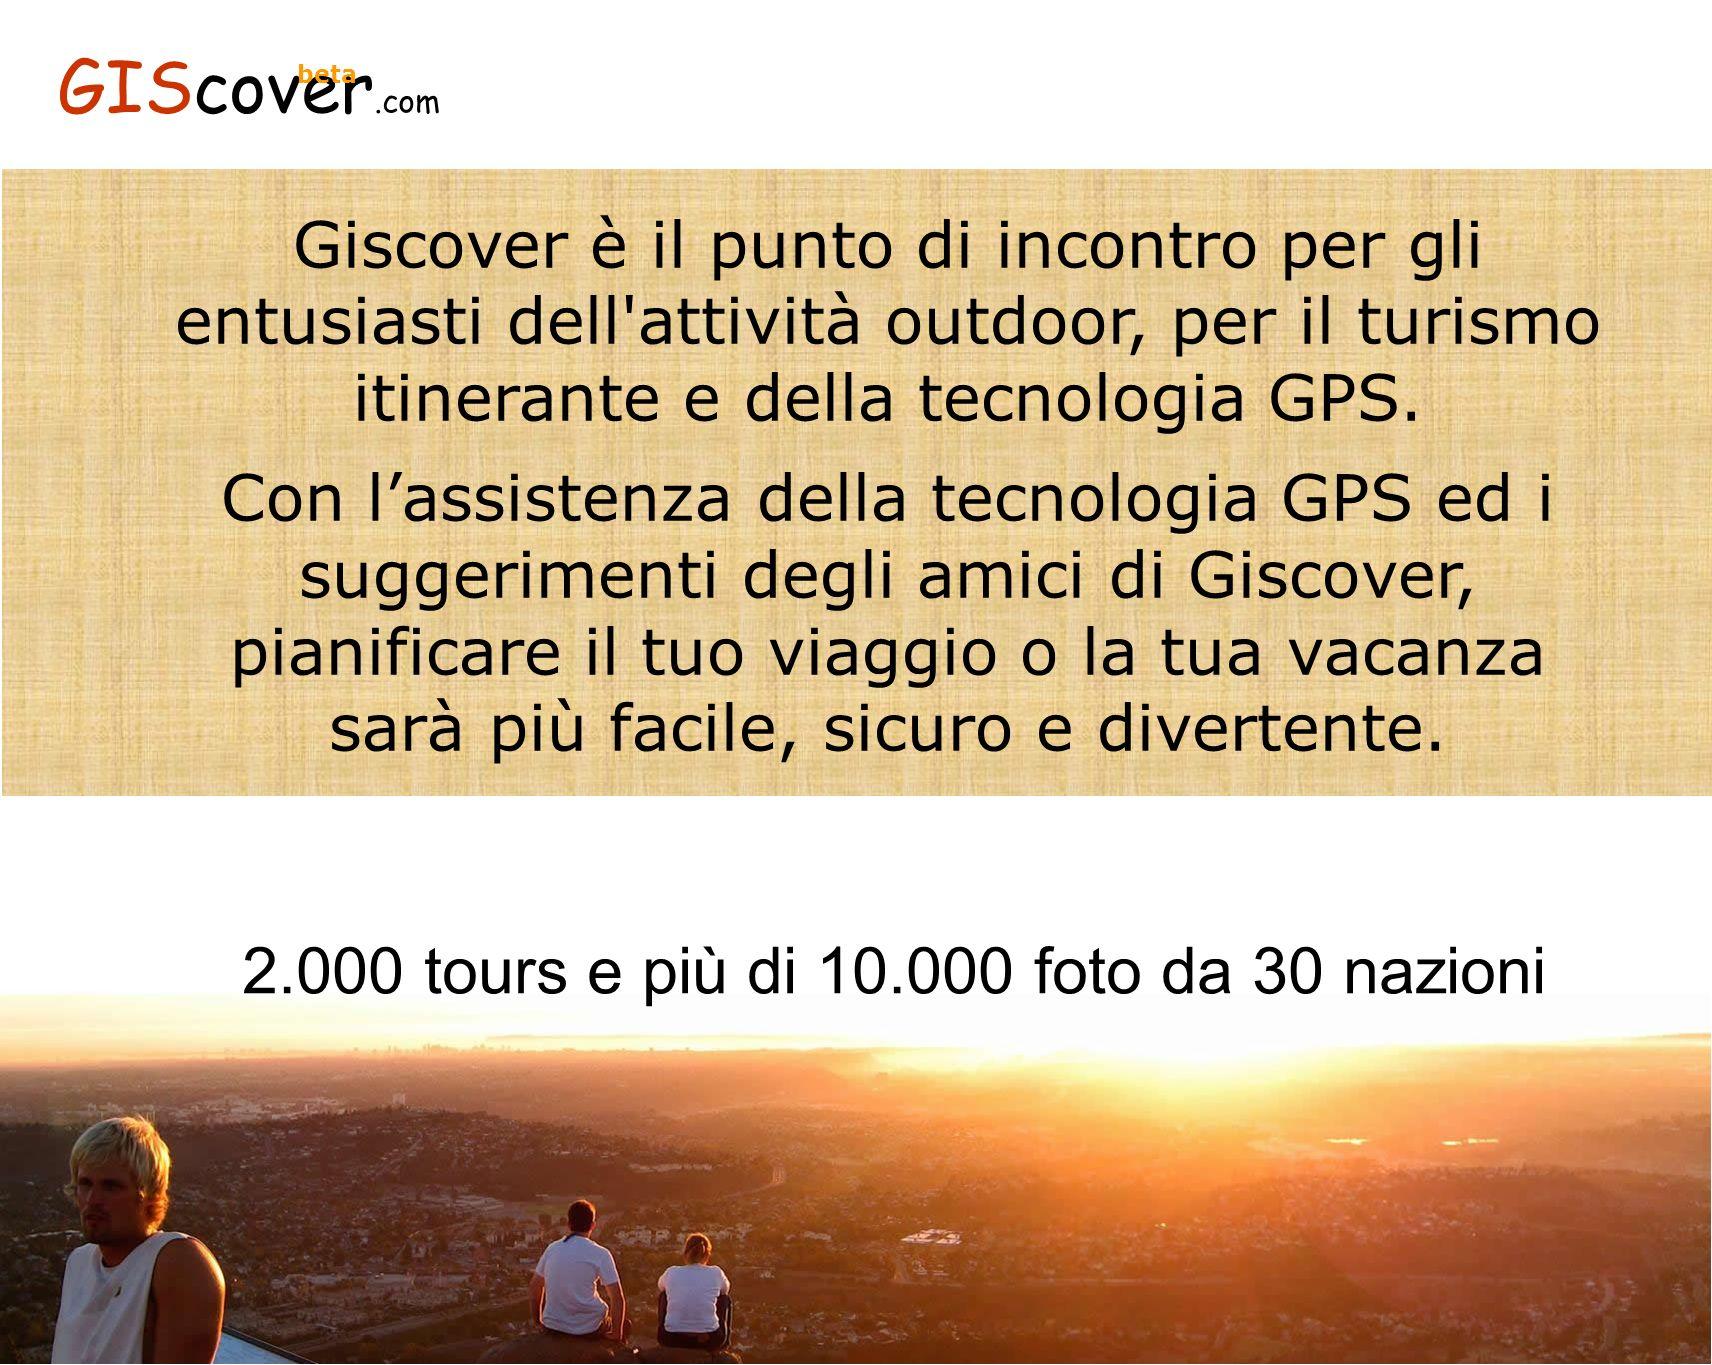 2.000 tours e più di 10.000 foto da 30 nazioni